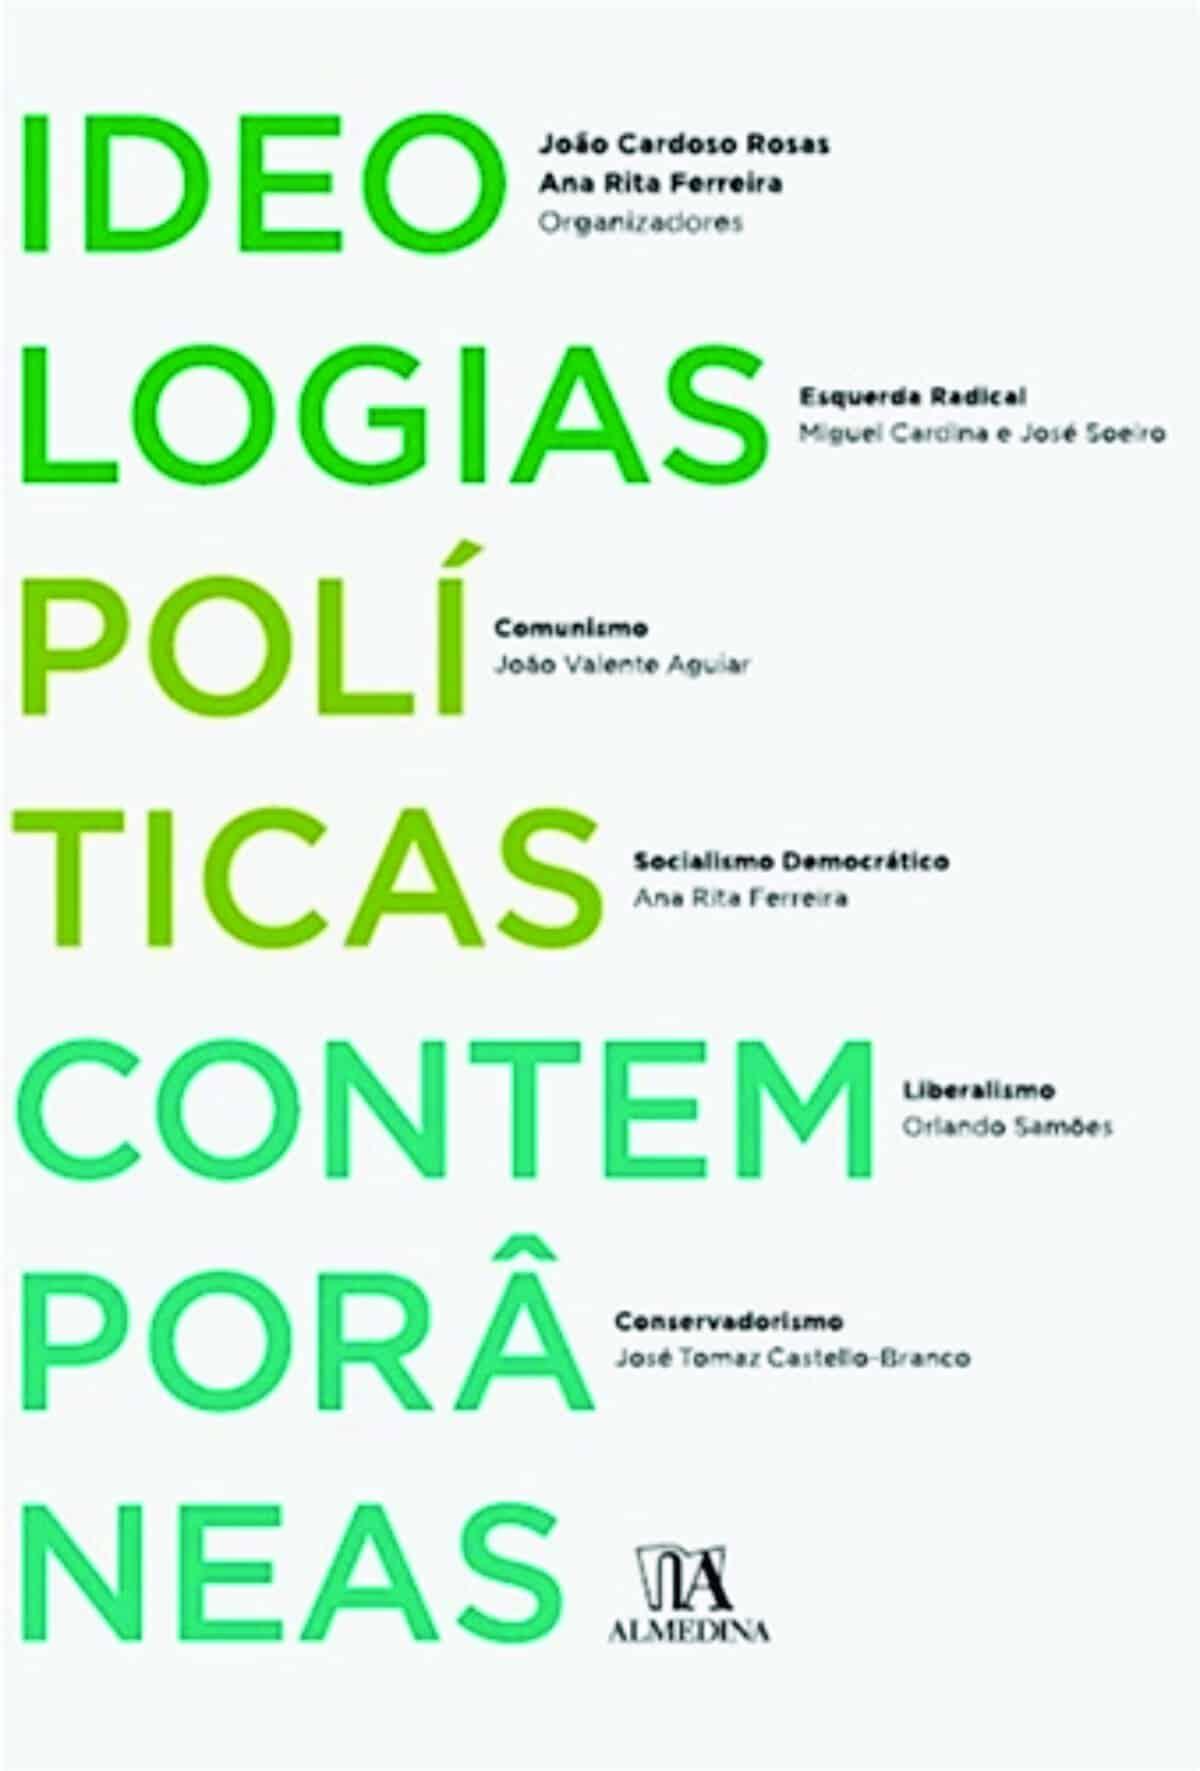 Foto 1 - Ideologias Políticas Contemporâneas